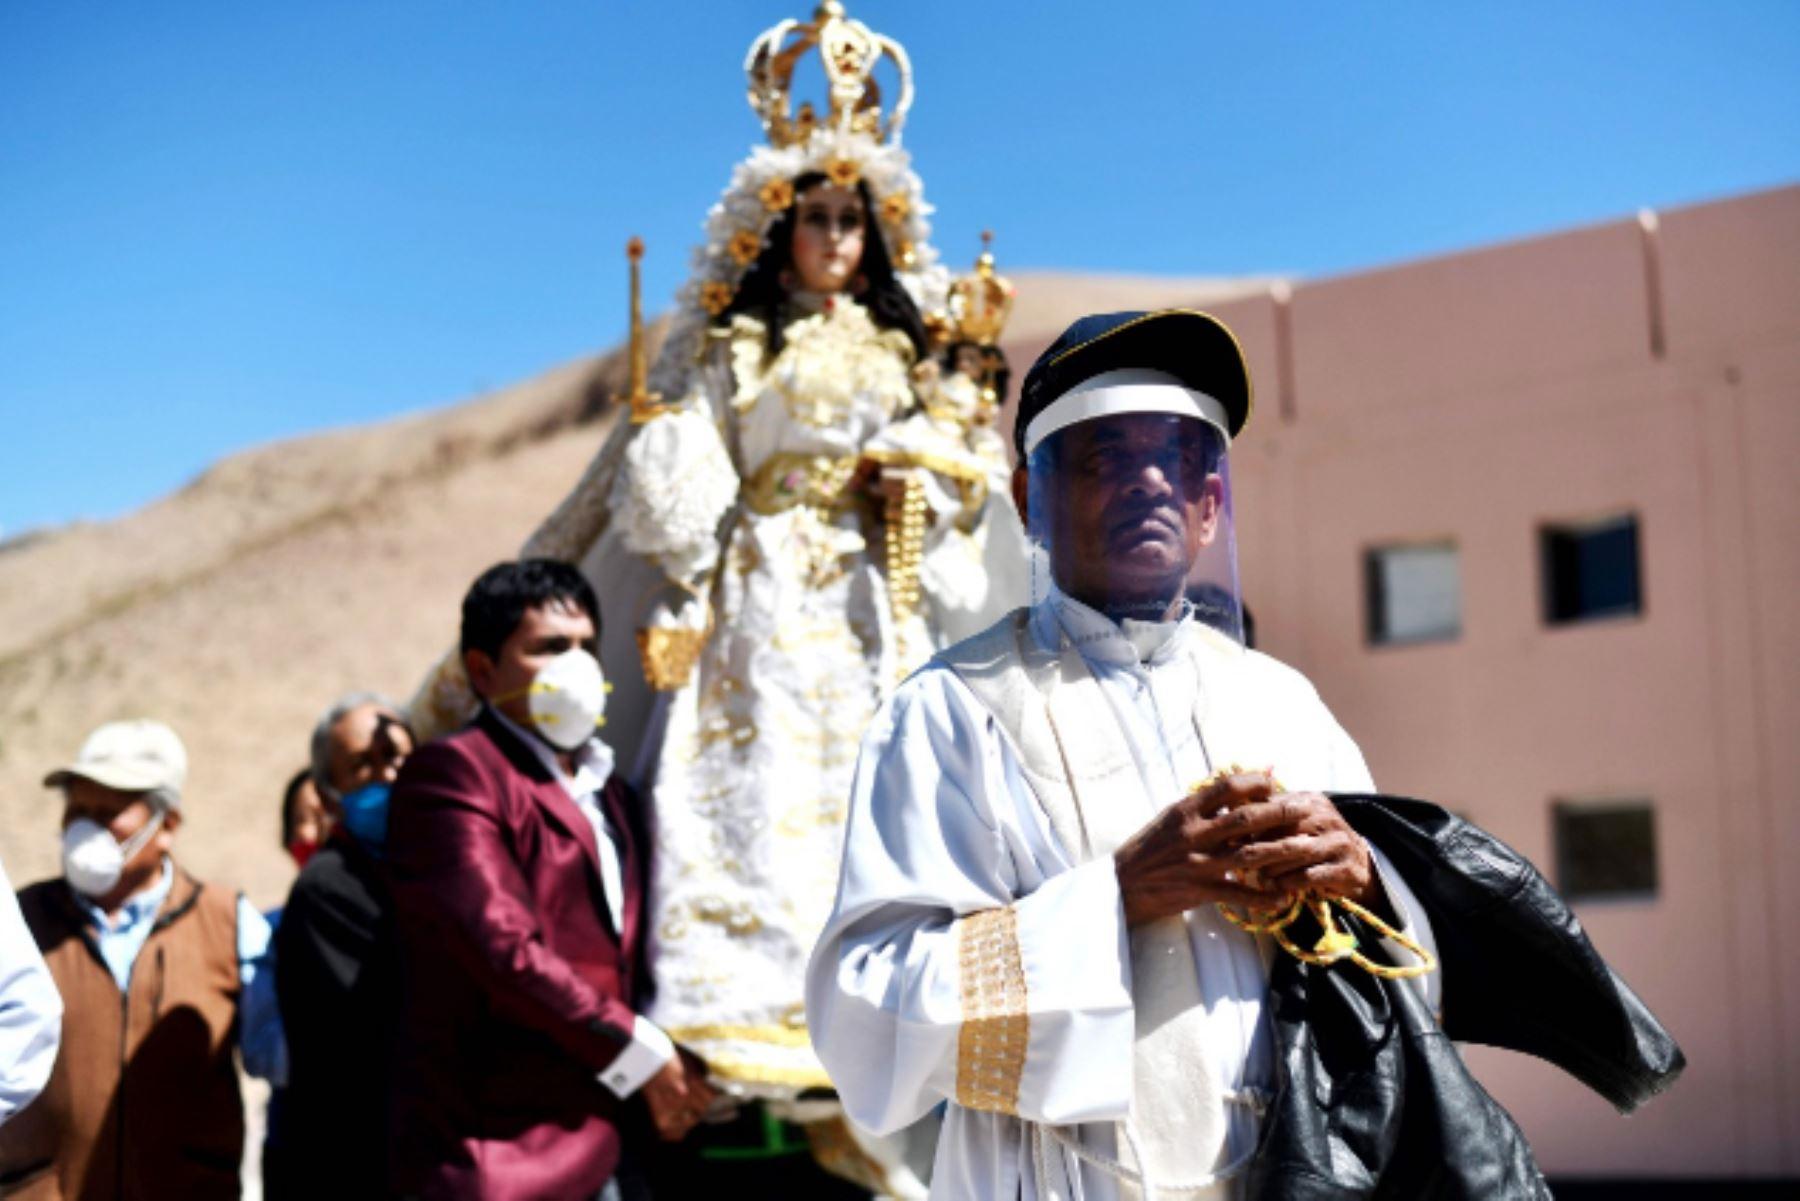 La Virgen de Chapi, Patrona de Arequipa derramó hoy bendiciones sobre el pueblo arequipeño tras sobrevolar por segundo año consecutivo la ciudad, al recordarse hoy primero de mayo su festividad. ANDINA/Difusión